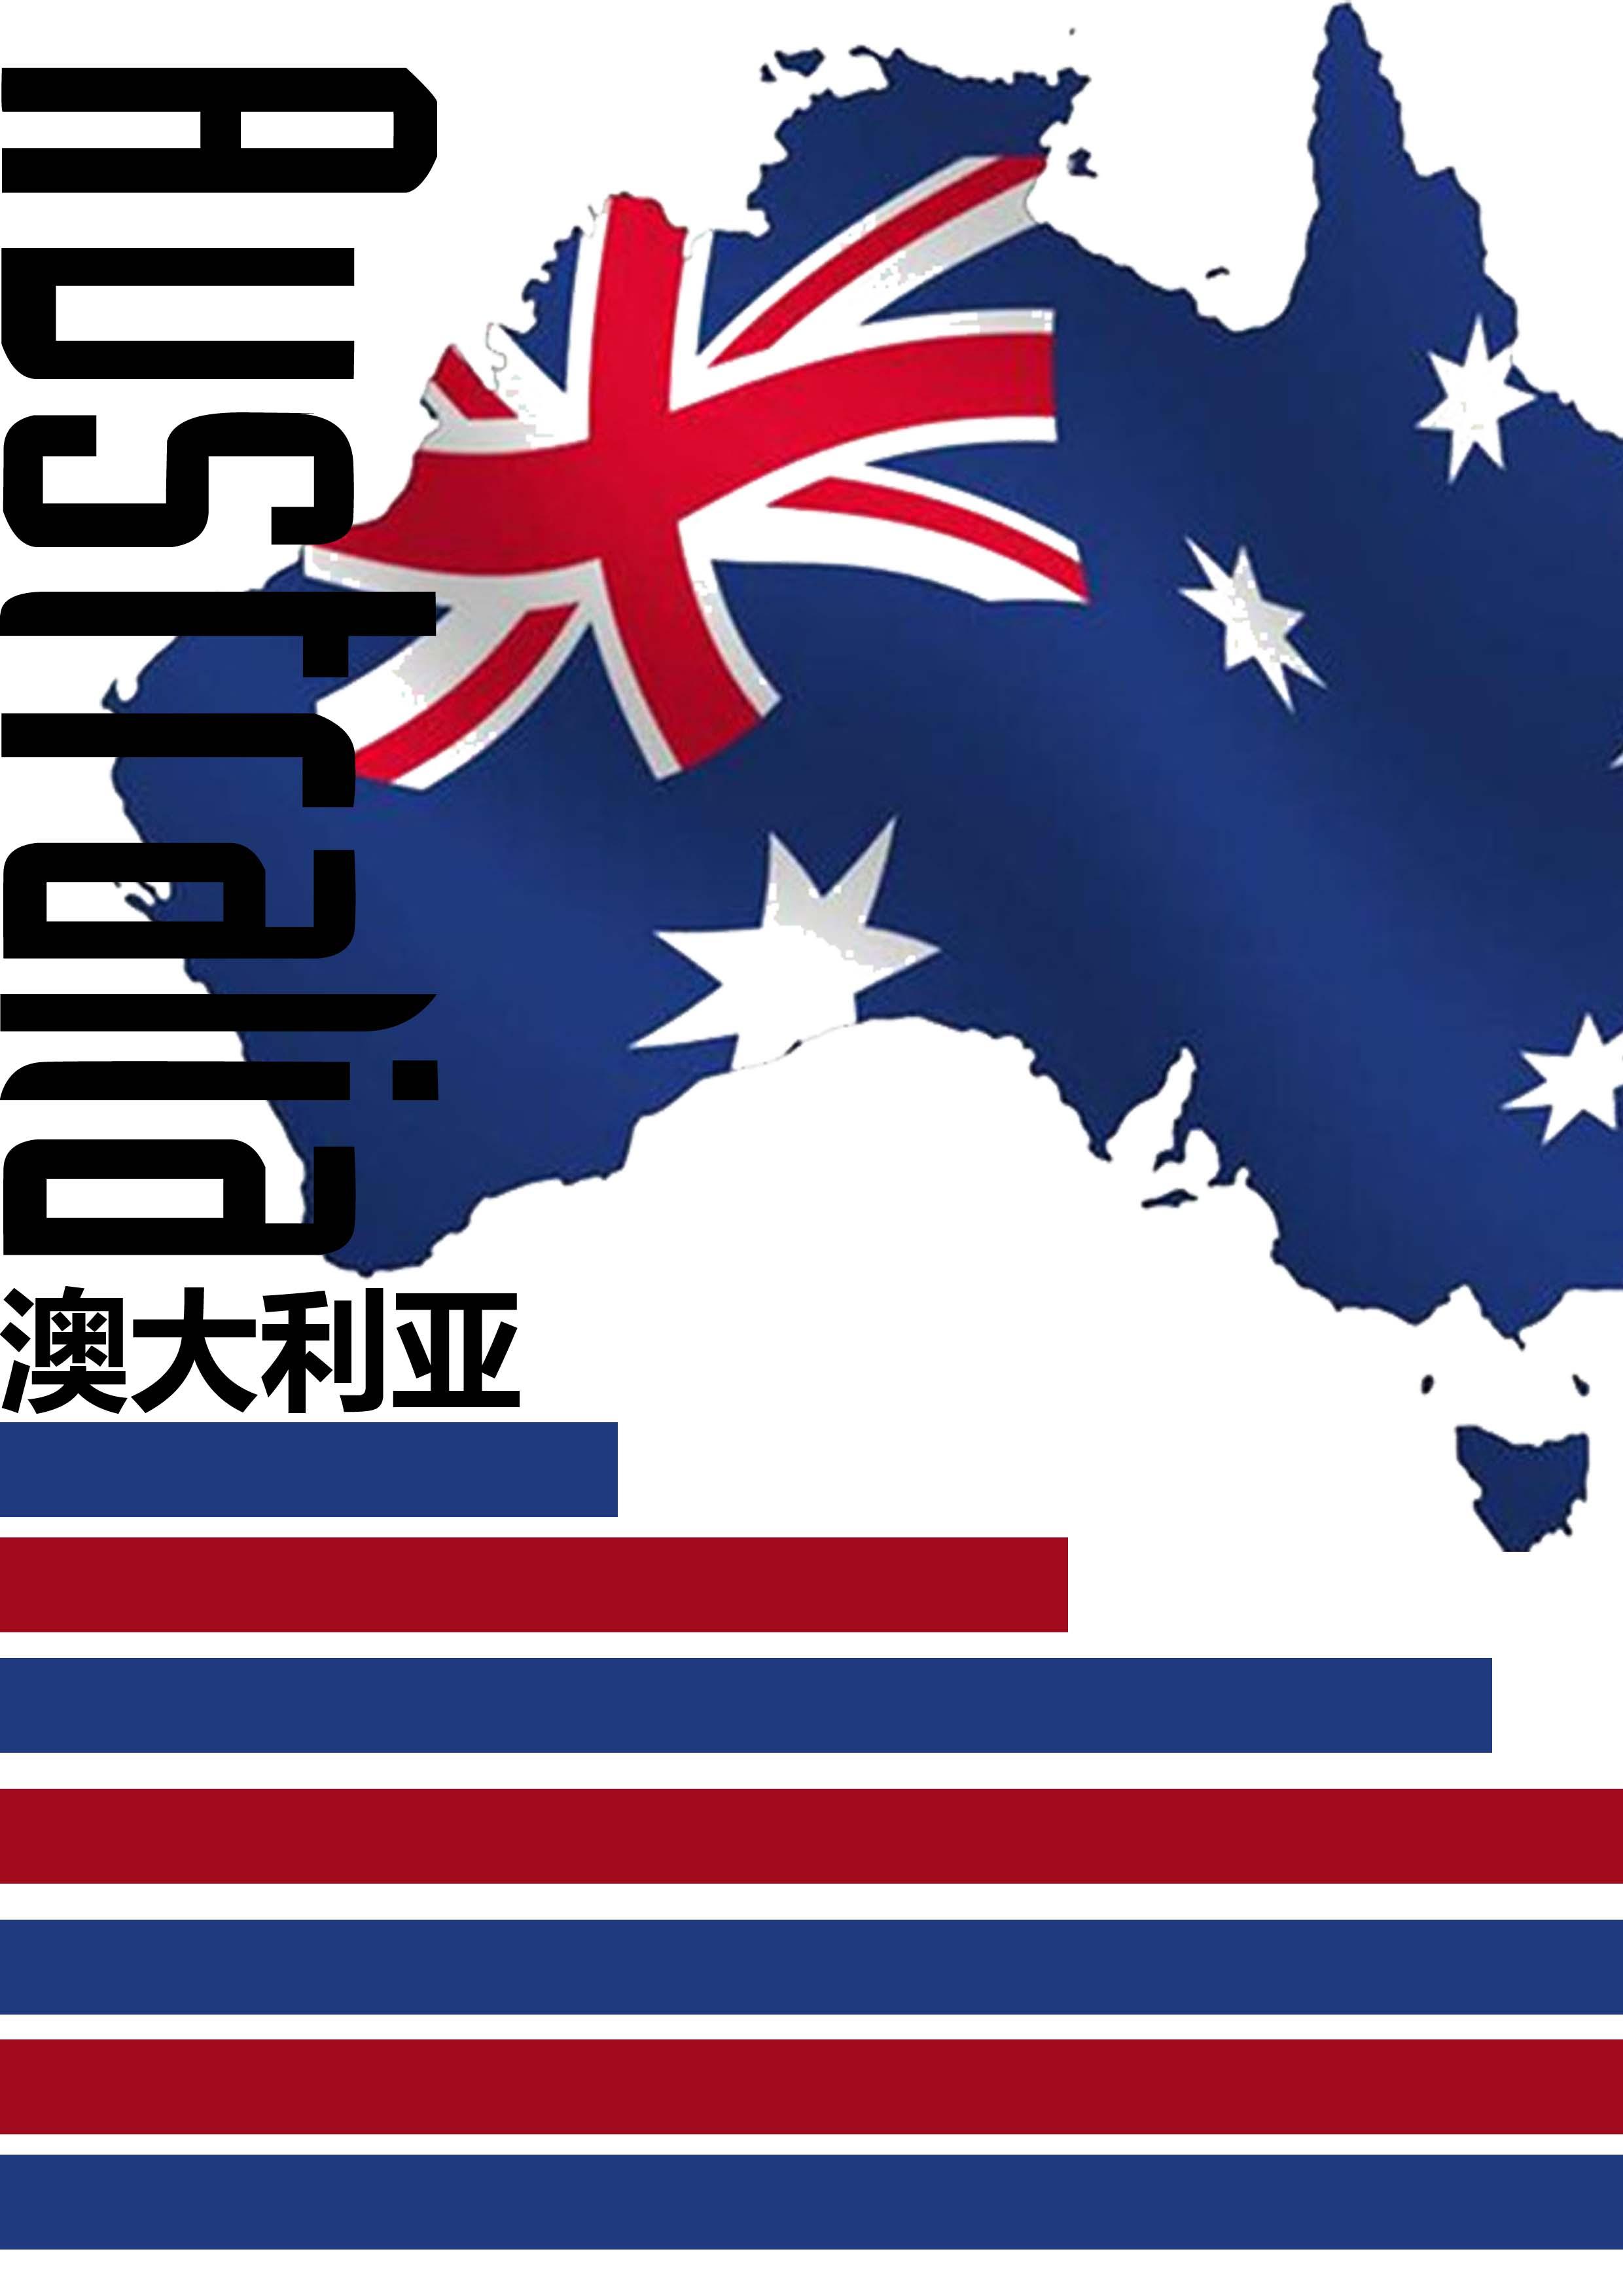 旗 旗帜 旗子 设计 矢量 矢量图 素材 2480_3508 竖版 竖屏